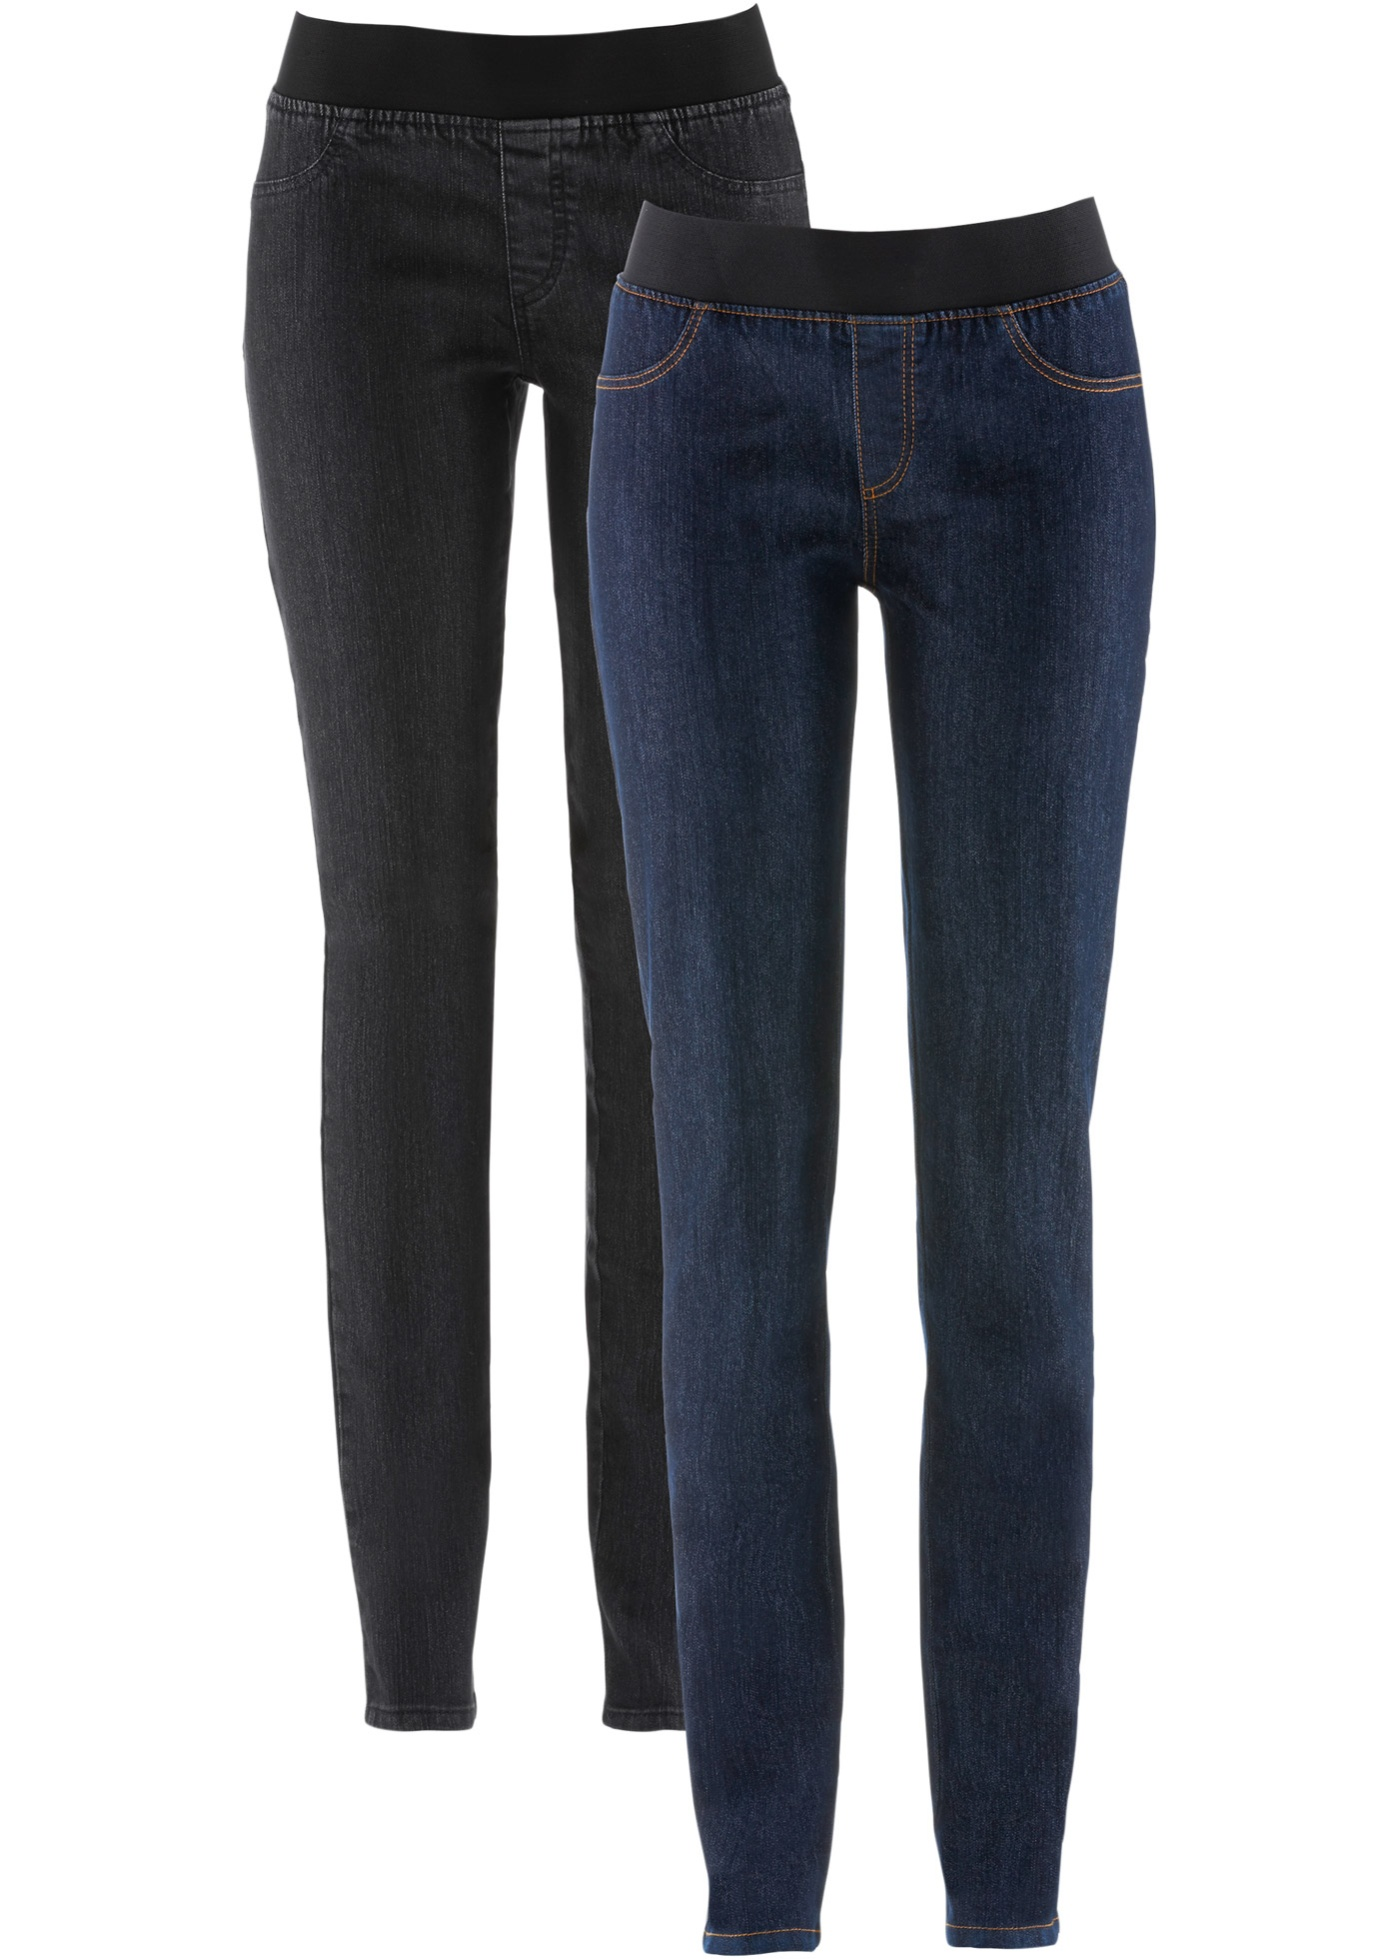 damen jeans mit gummizug preisvergleiche. Black Bedroom Furniture Sets. Home Design Ideas